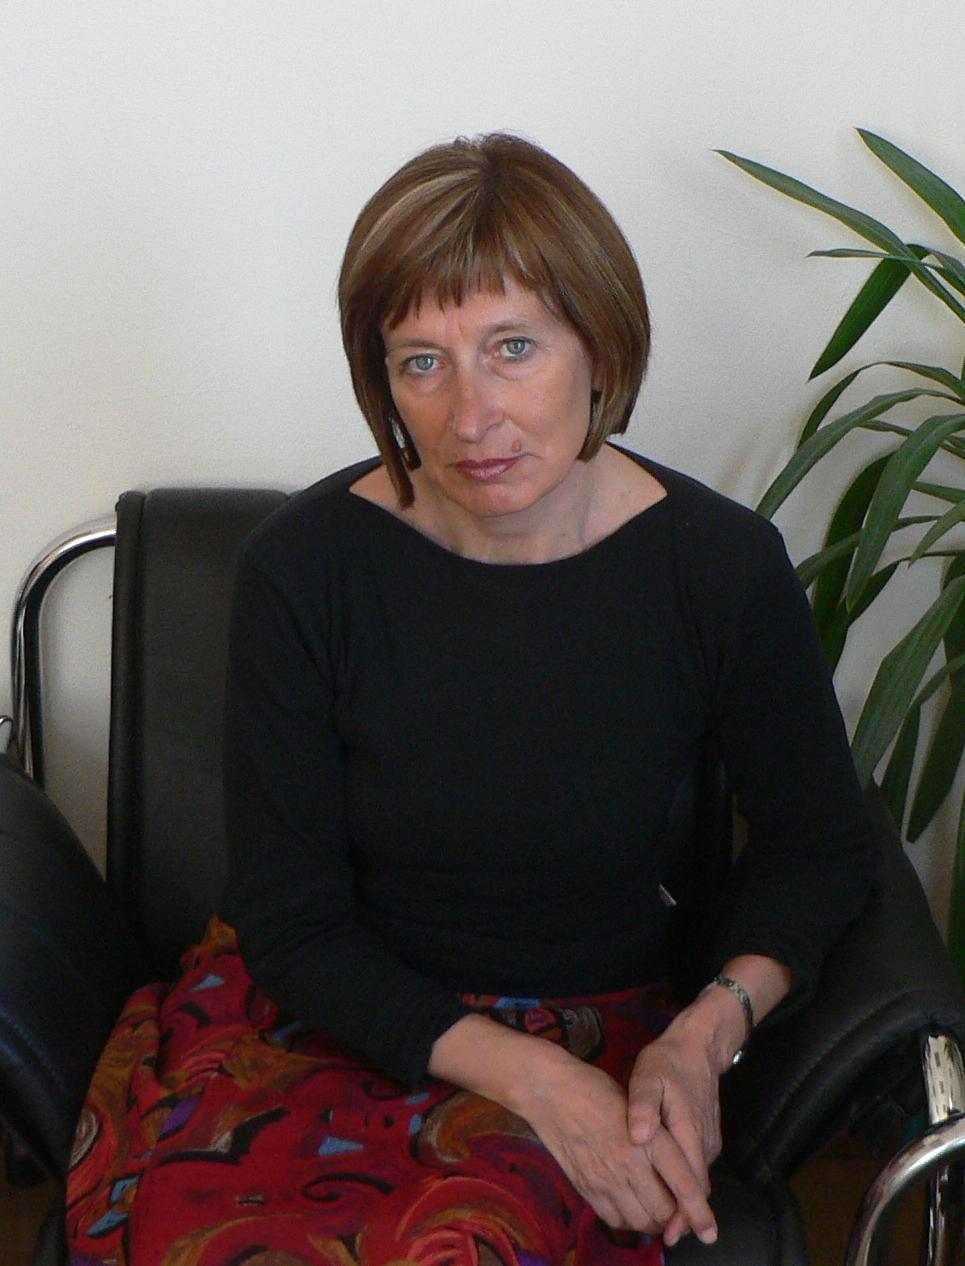 Riaditeľka evanjelického gymnázia v Tisovci Helena Pašiaková. Foto - archív H. P.